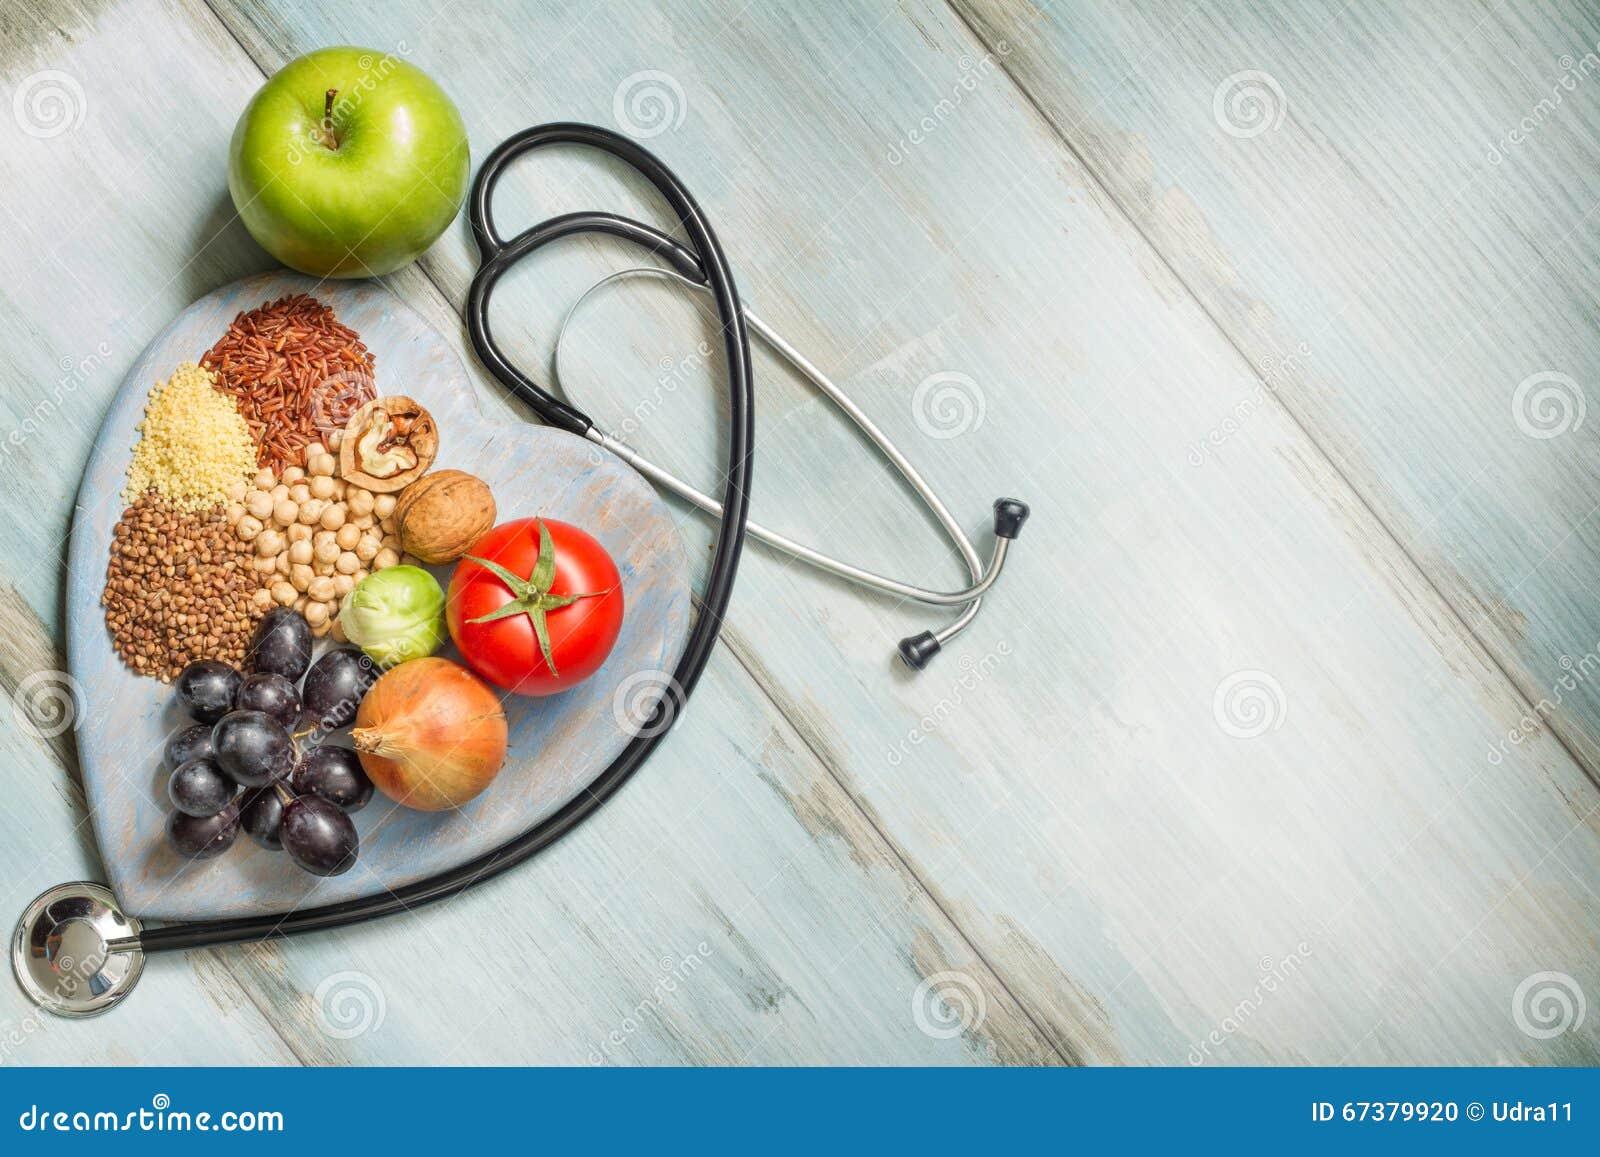 Sund livsstil och sjukvårdbegrepp med mat, hjärta och stetoskopet